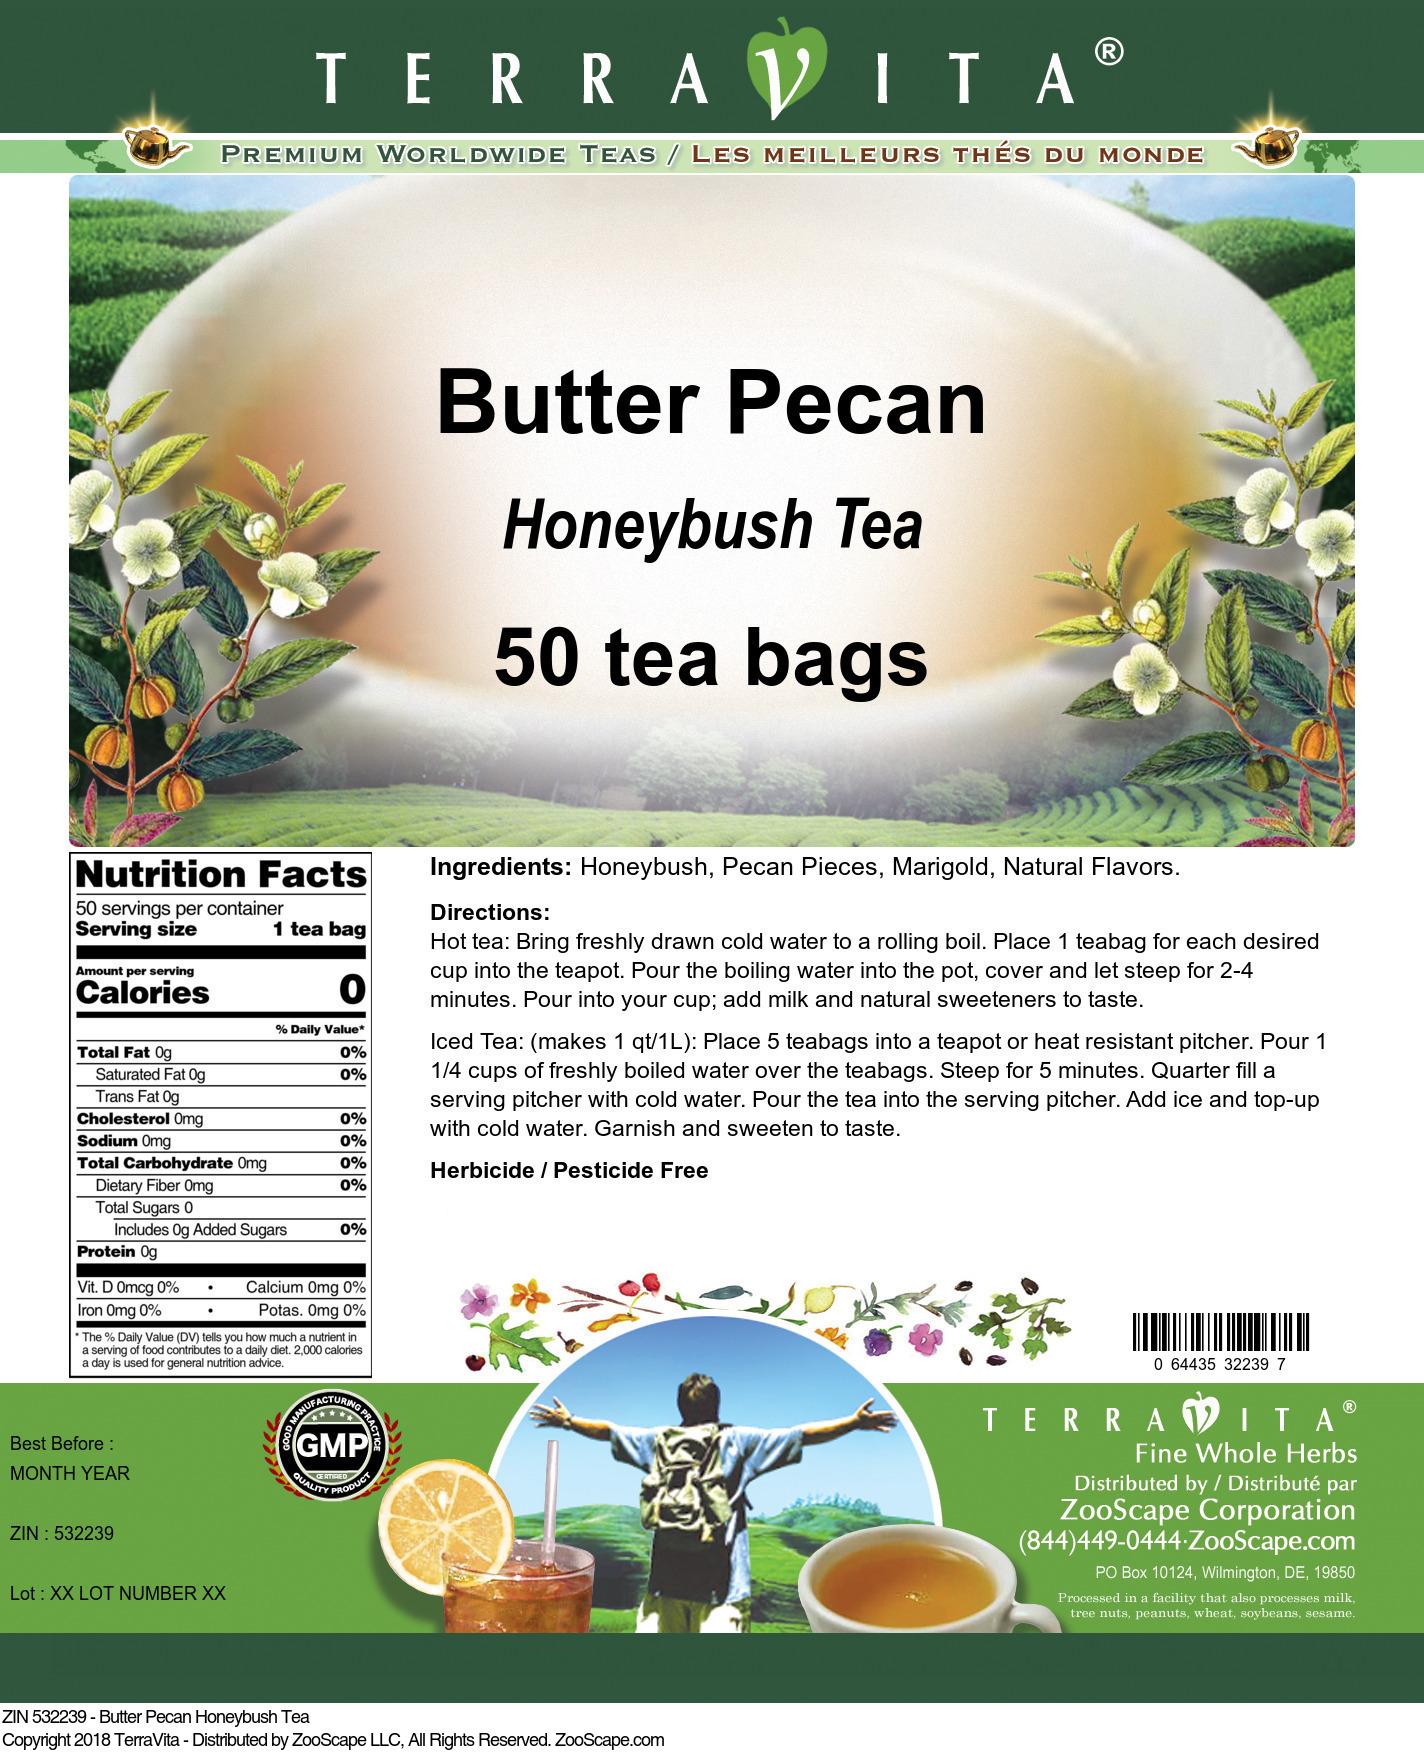 Butter Pecan Honeybush Tea